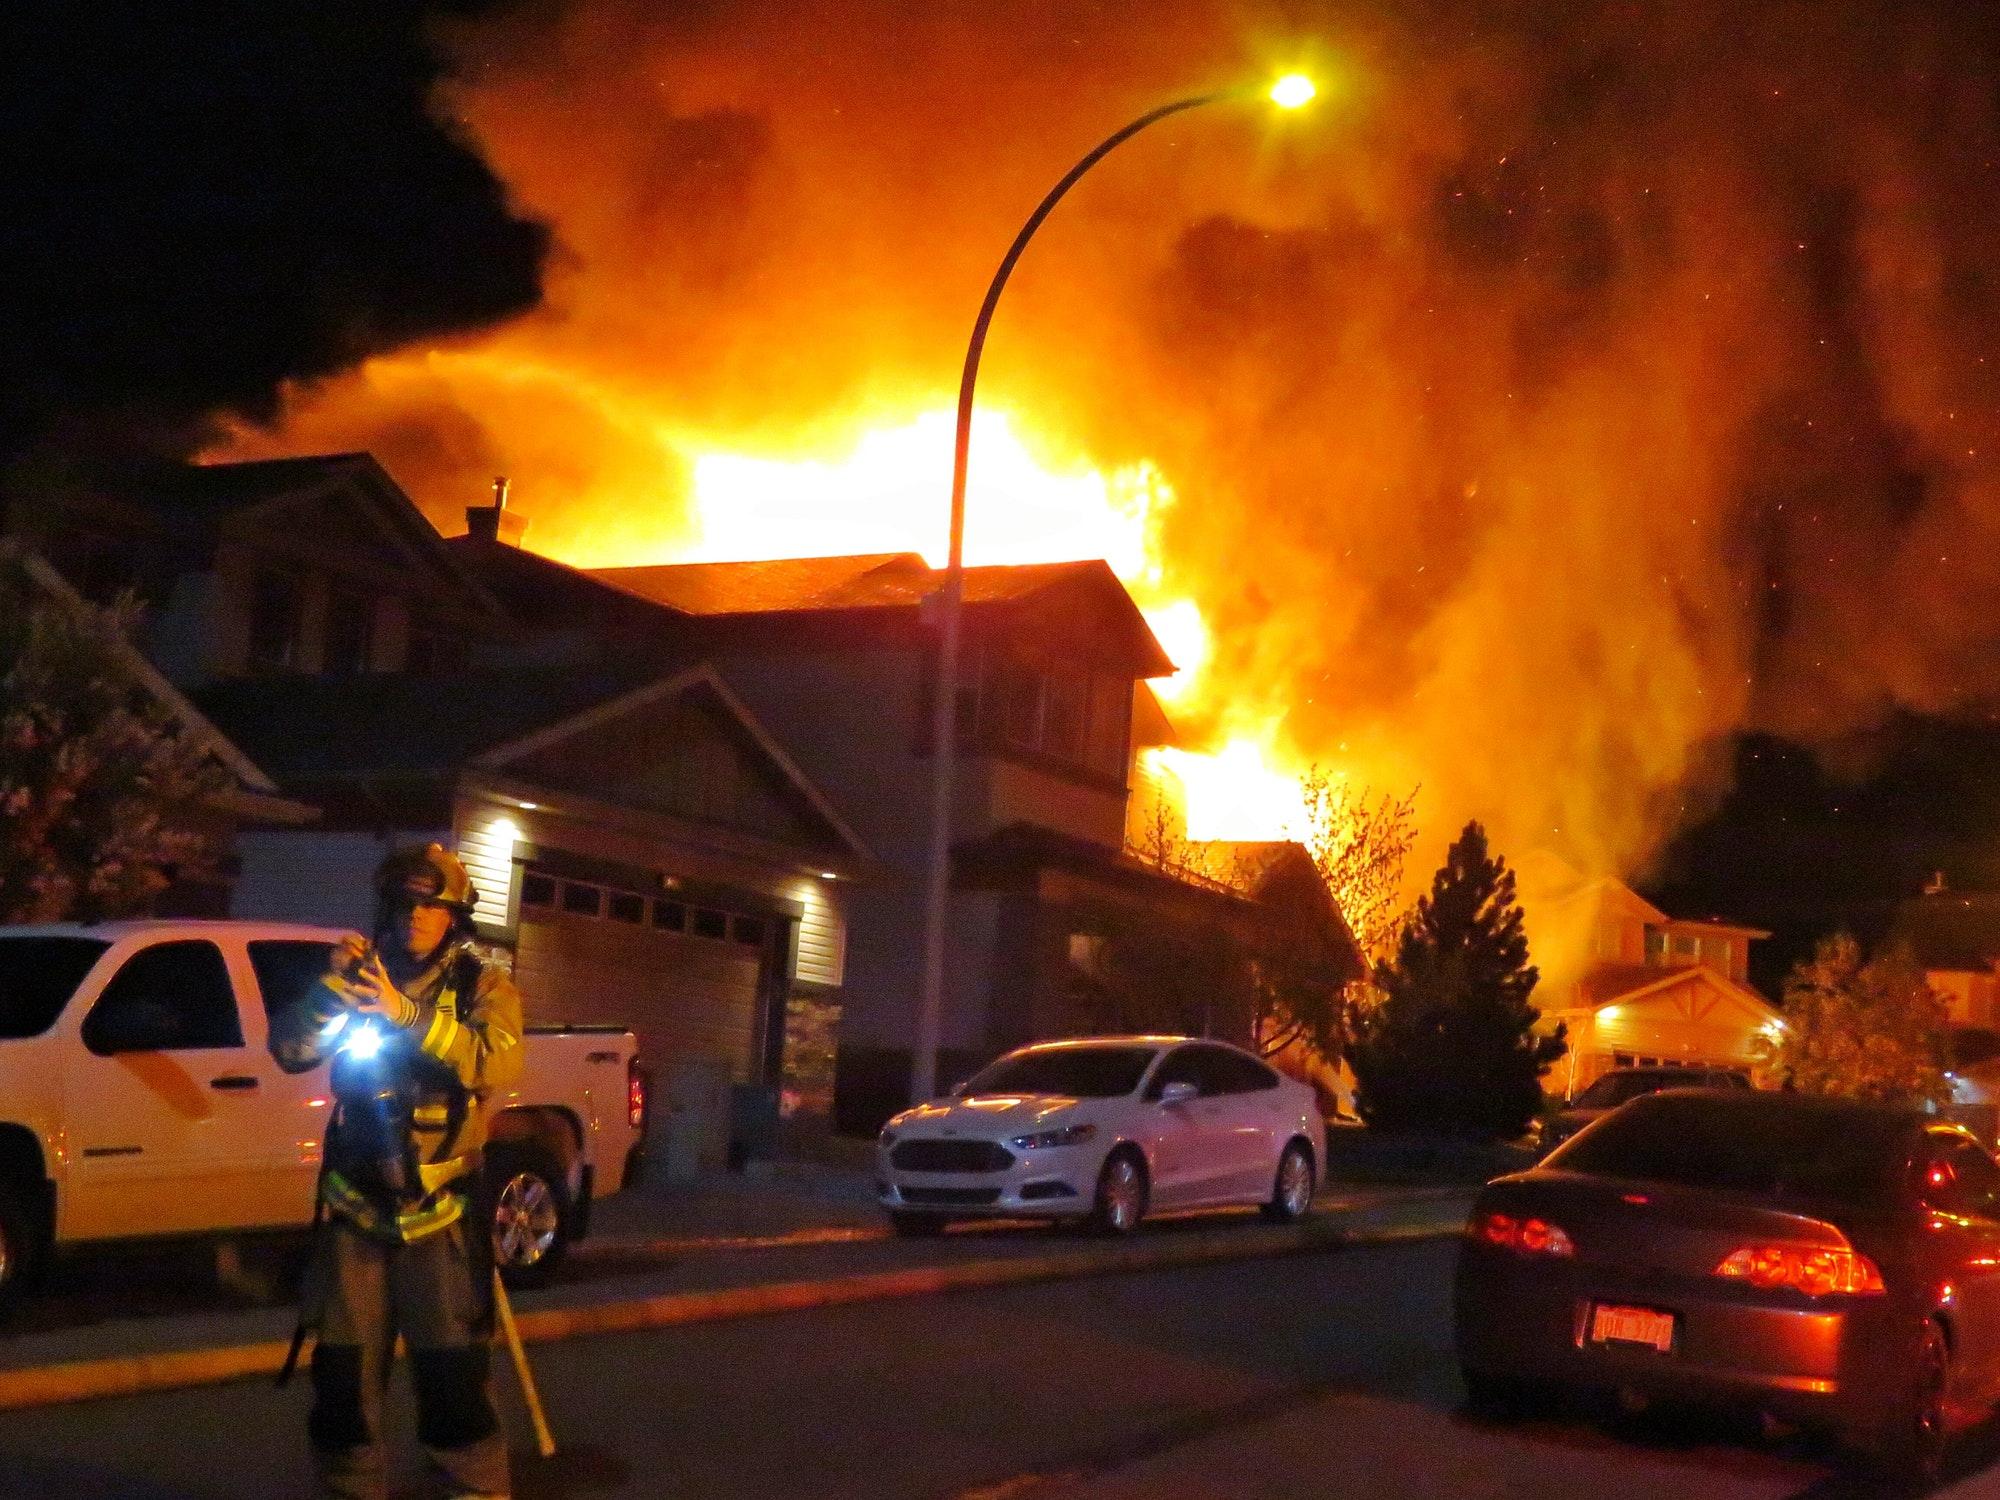 Calgary Firefighters battle an early morning house fire in Royal Oak.